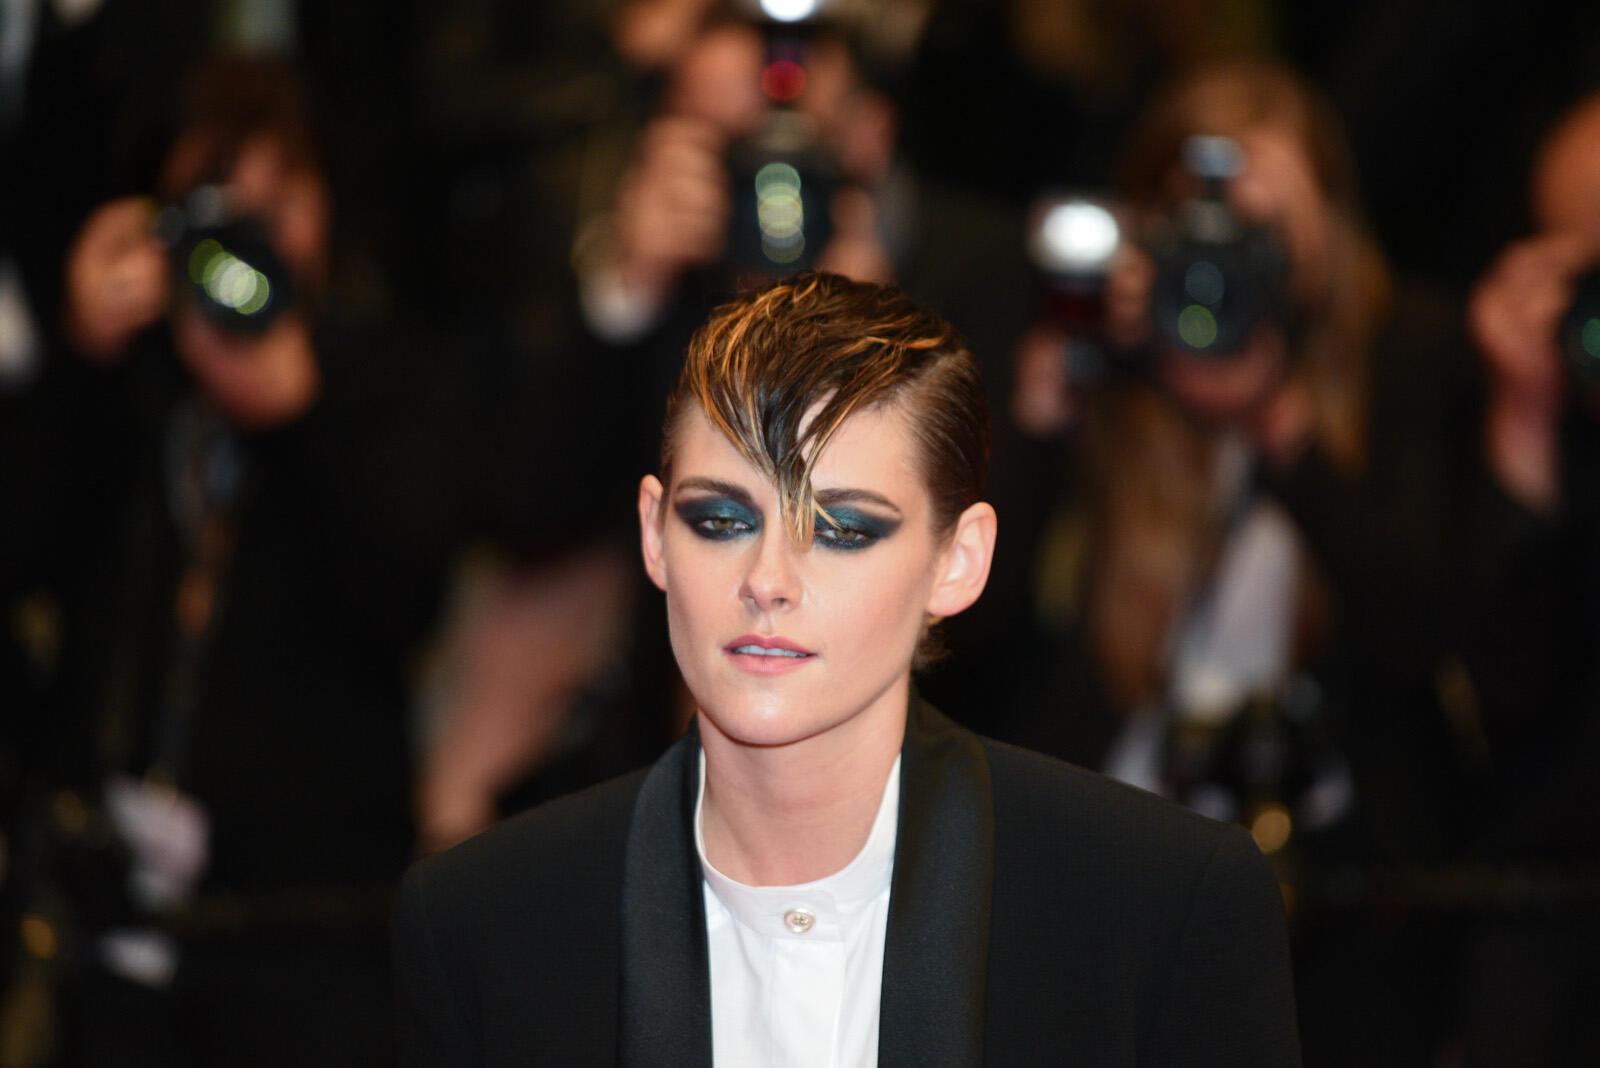 La actriz estadounidense Kristen Stewart, miembro del jurado, subió los escalones para asistir a la proyección de la película 'Un cuchillo en el corazón'.